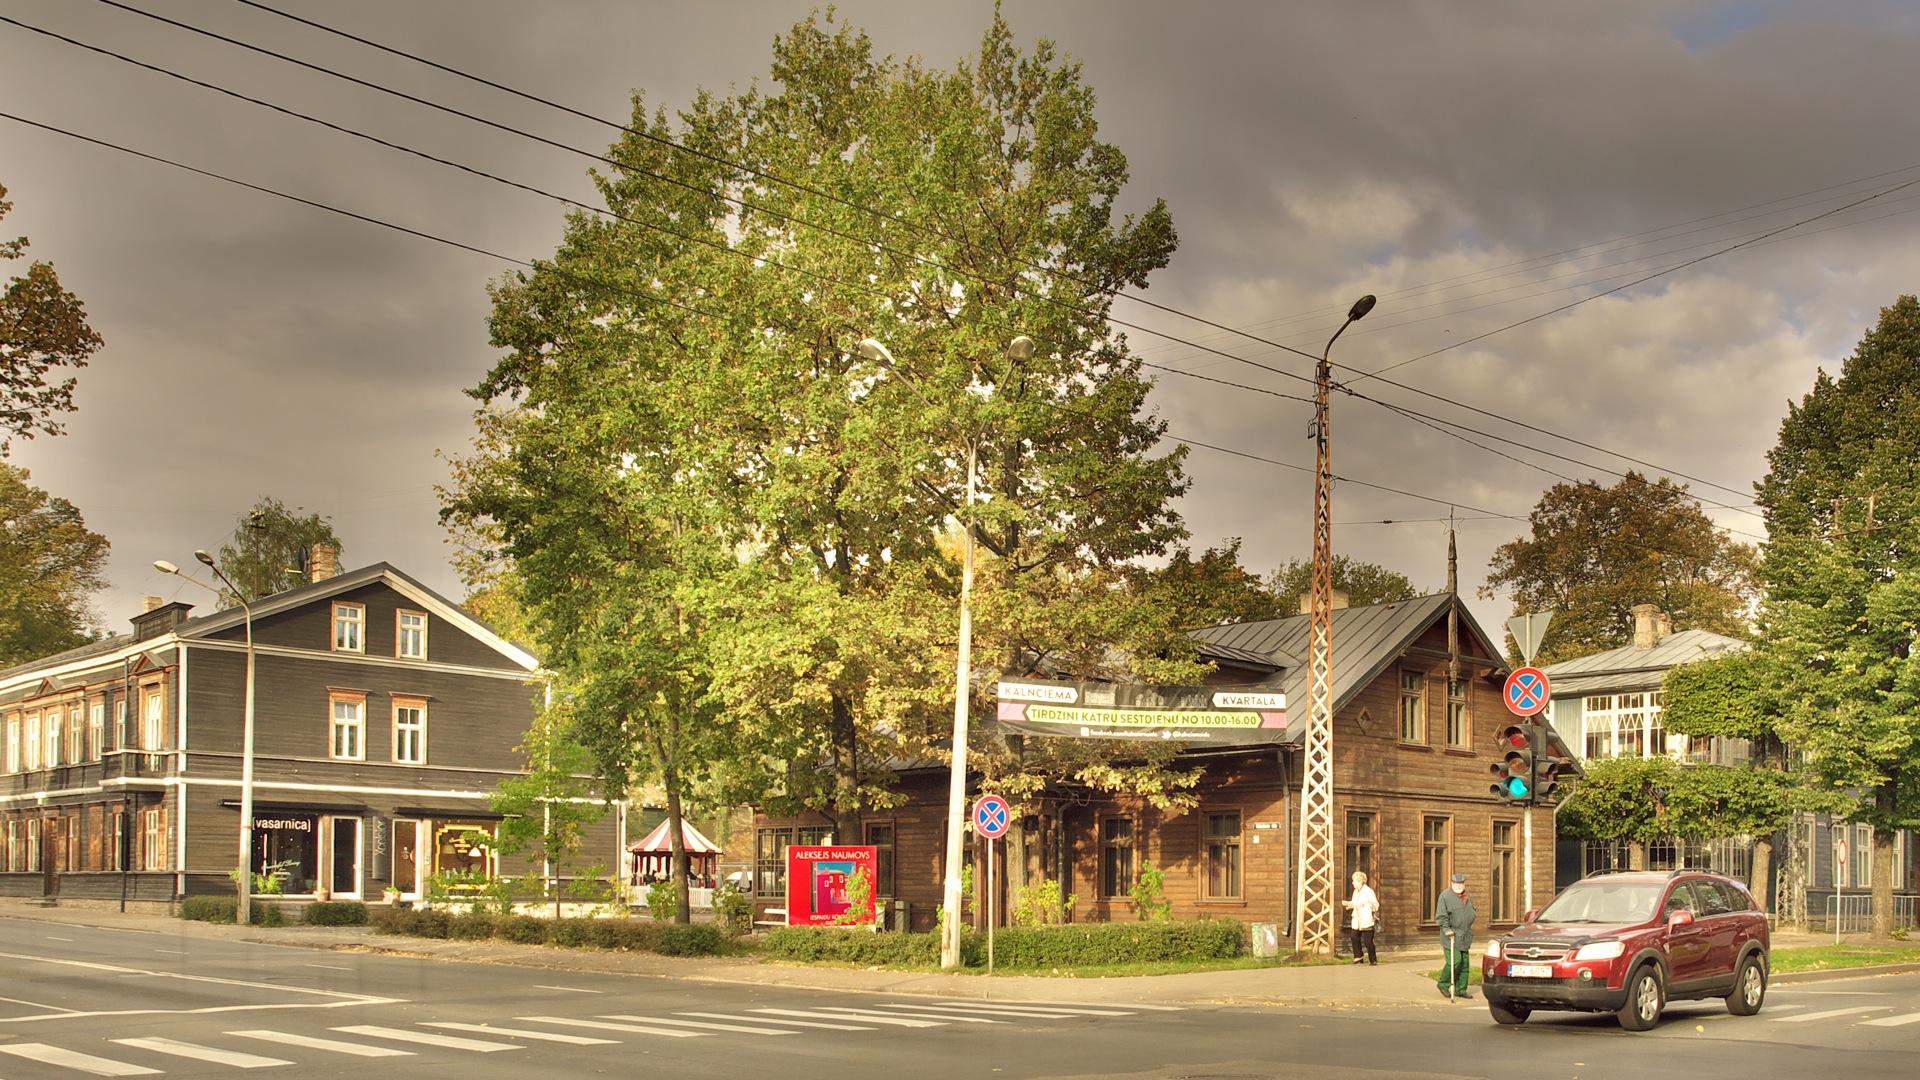 Bild: Einer der schönsten Orte in Rīga sind die restaurierten Holzhäuser an der Kreuzung Kalnciema iela - Melnsila iela. OLYMPUS OM-D E-M5 mit M.ZUIKO DIGITAL ED 12‑40mm 1:2.8. ISO 200 ¦ f/5,6 ¦ 12 mm ¦ 1/250 s ¦ kein Blitz ¦ 8 Einzelbilder. Klicken Sie auf das Bild um es zu vergrößern.